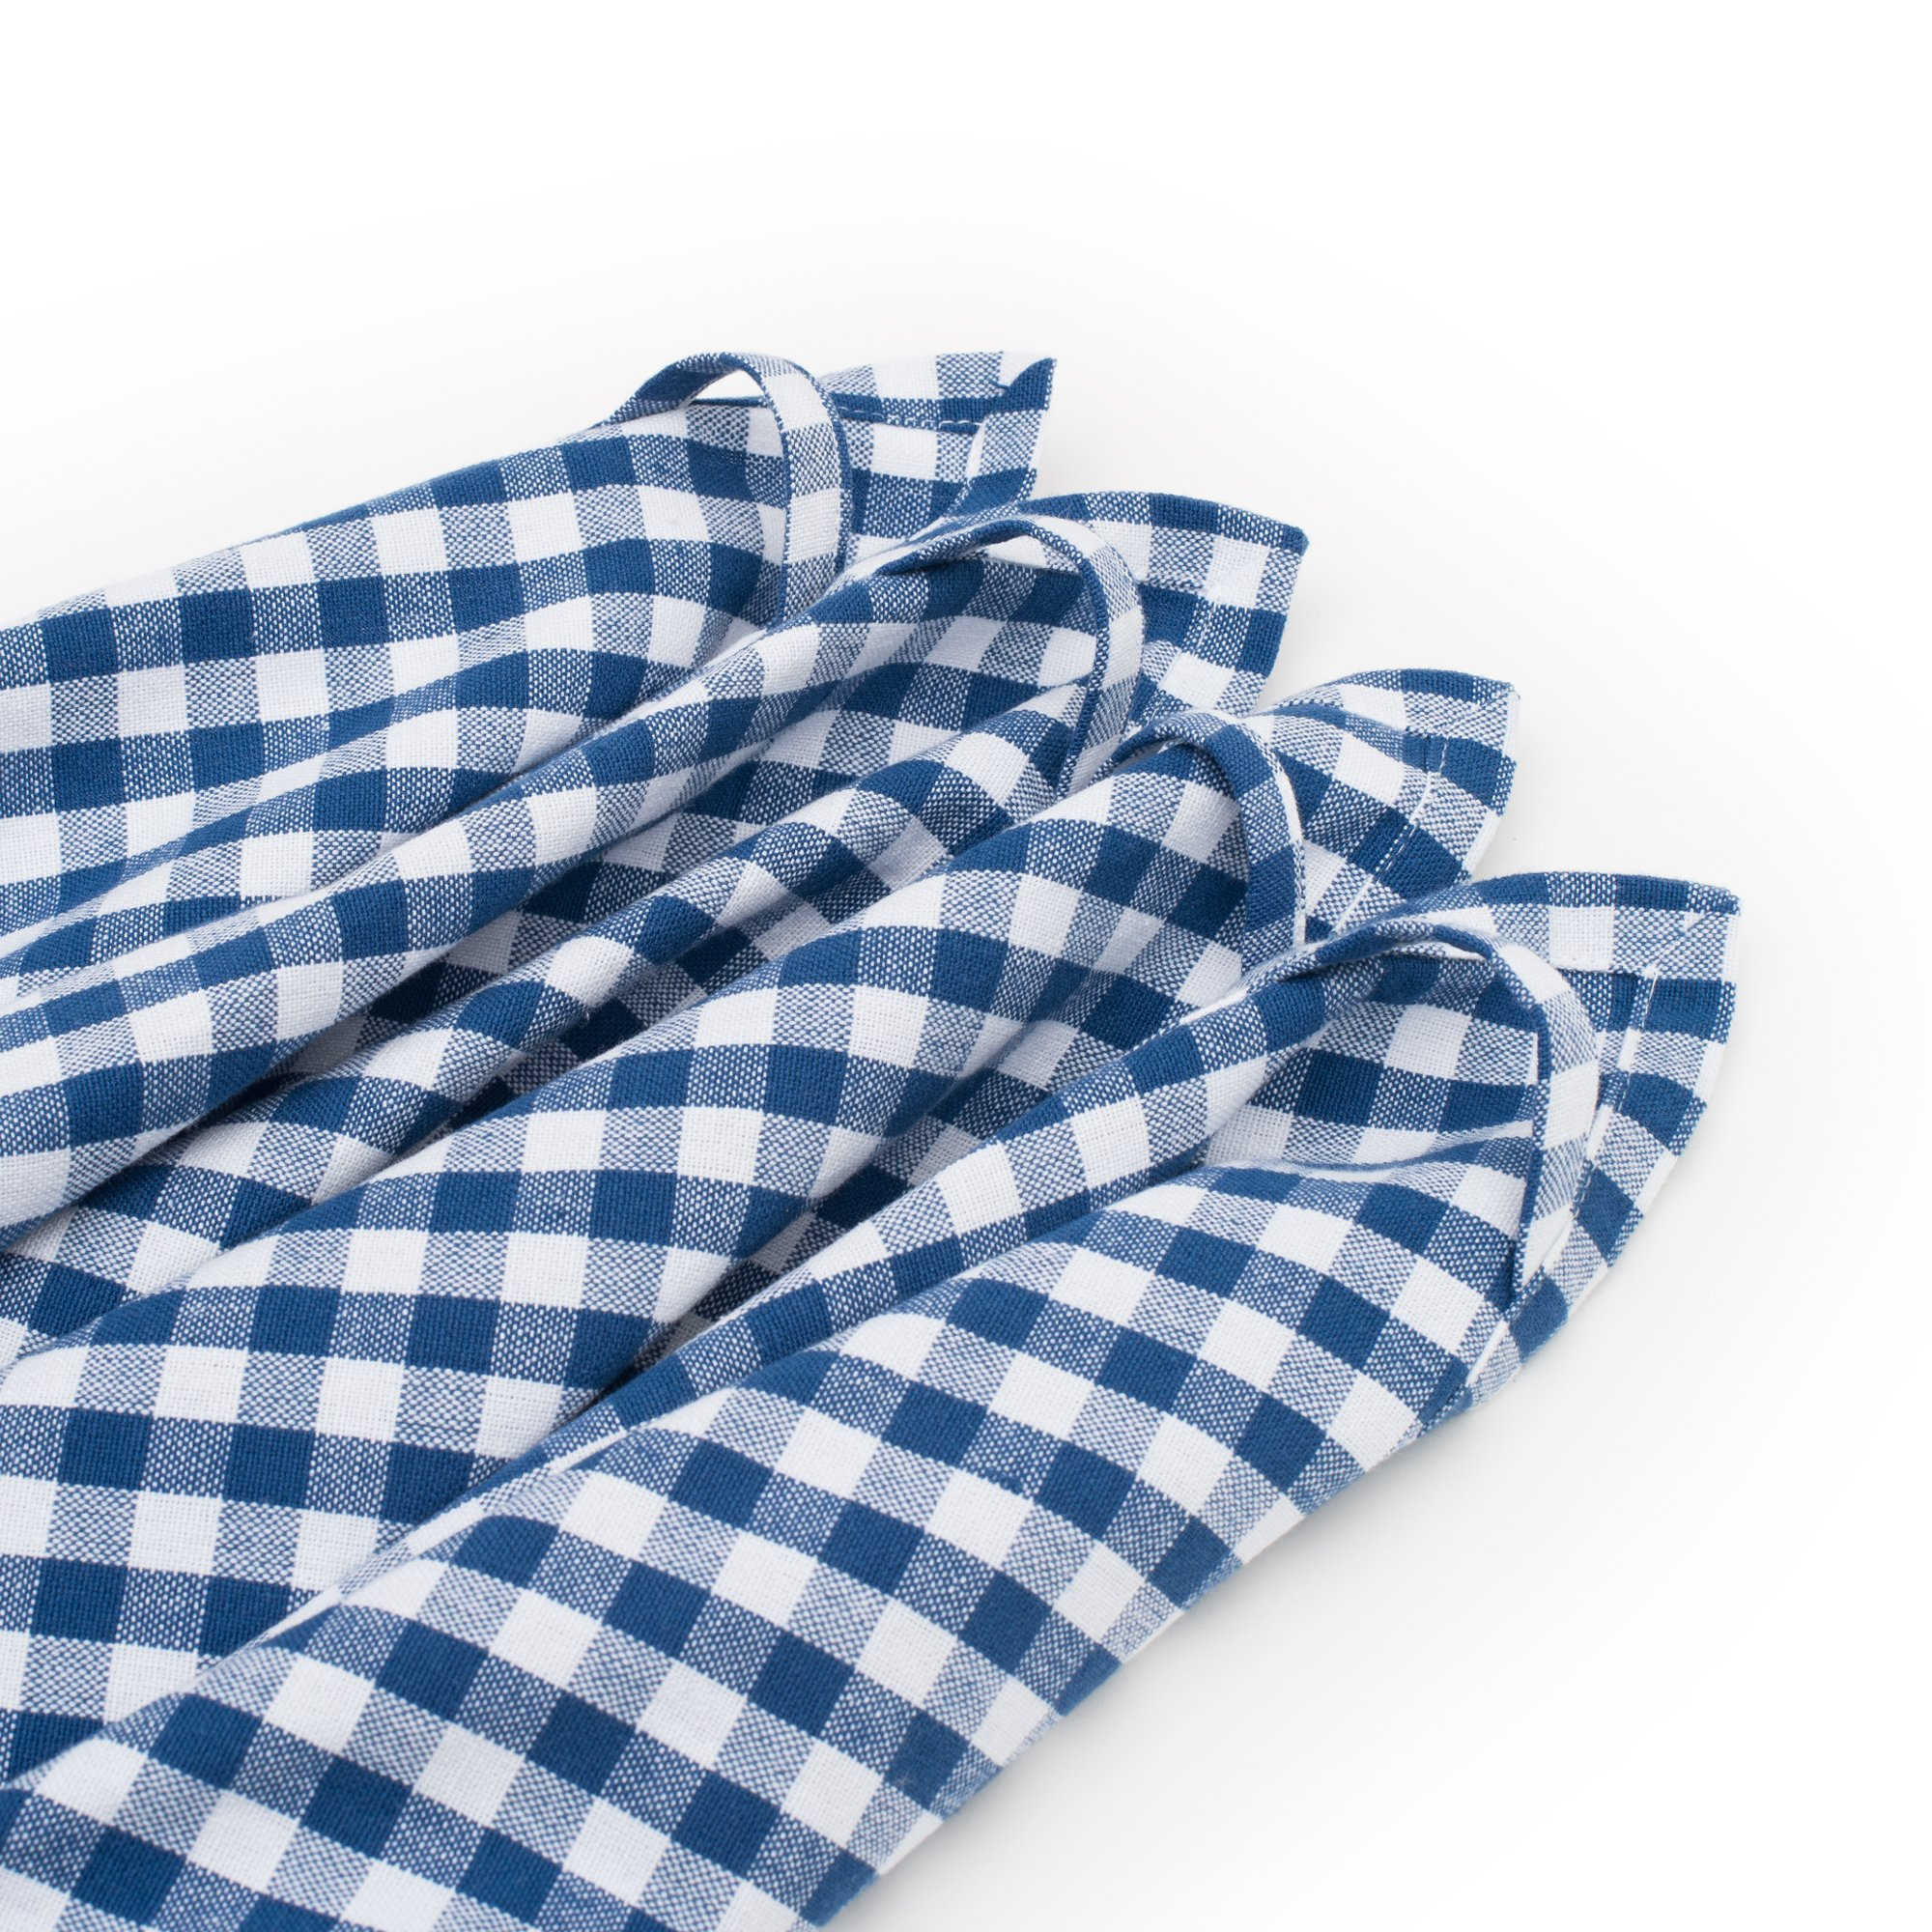 Strofinacci da cucina FILU (4 pezzi, blu e bianco) Strofinaccio da cucina  50 x 70 cm in 100% cotone, elegante motivo a quadretti, tinto in filo in ...